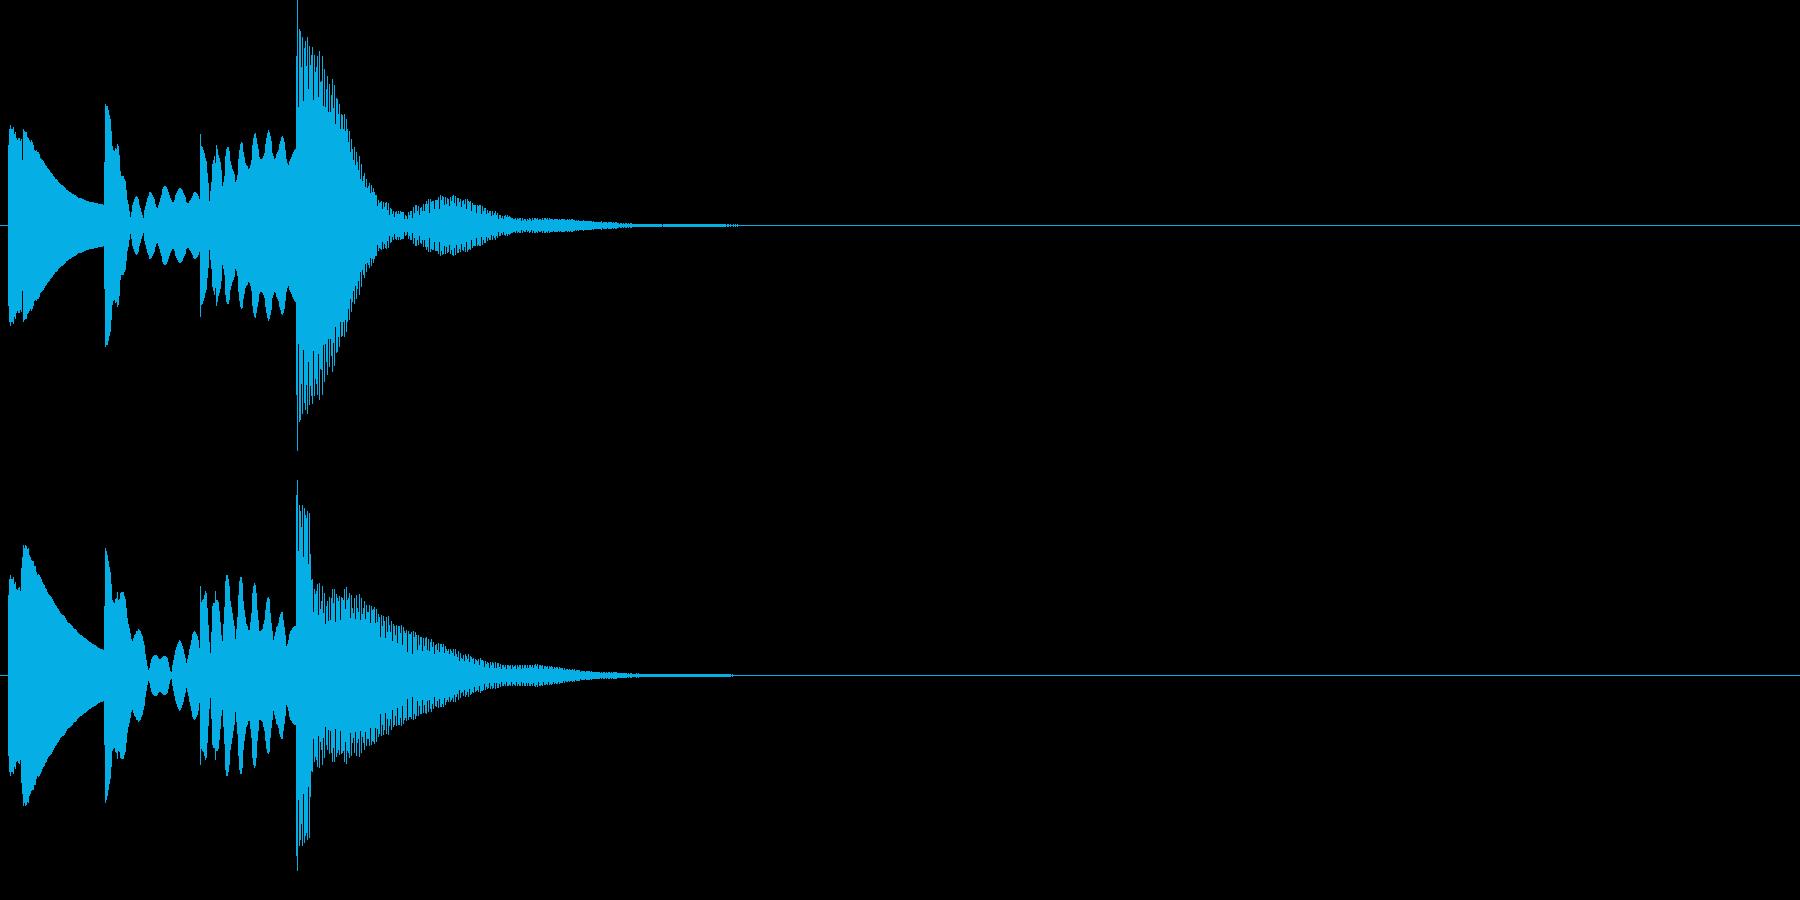 ポロロロン。メール着信音(シンプル)の再生済みの波形